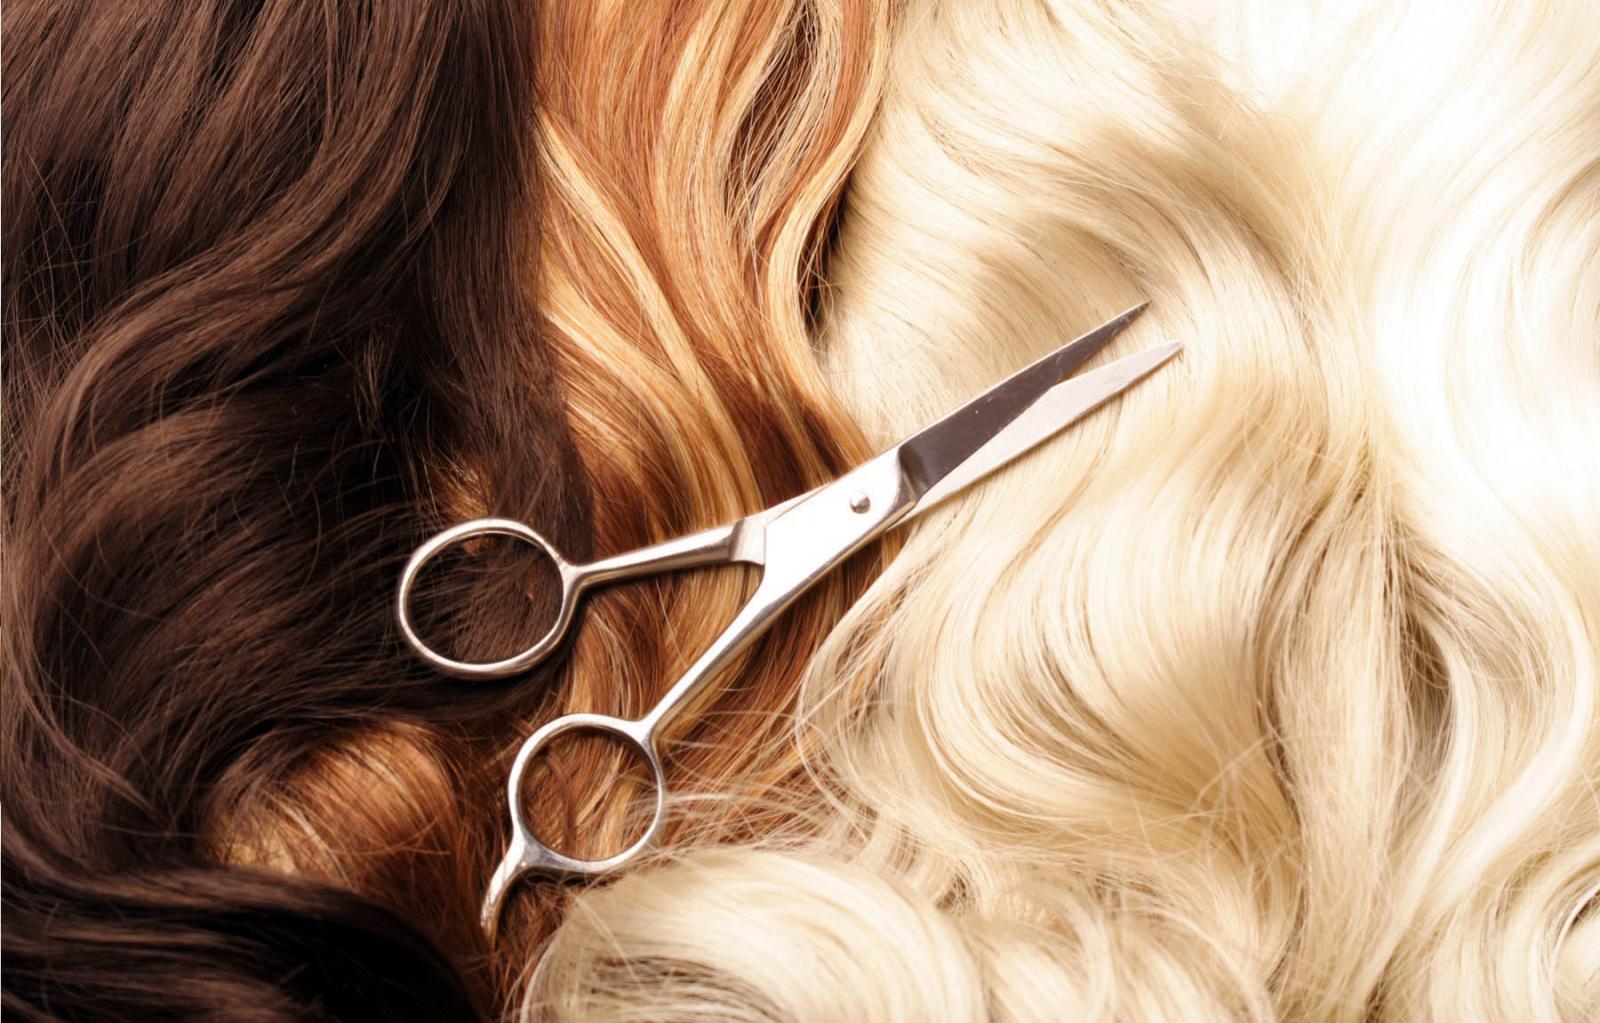 10 худших вещей, которые ты можешь сделать со своими волосами